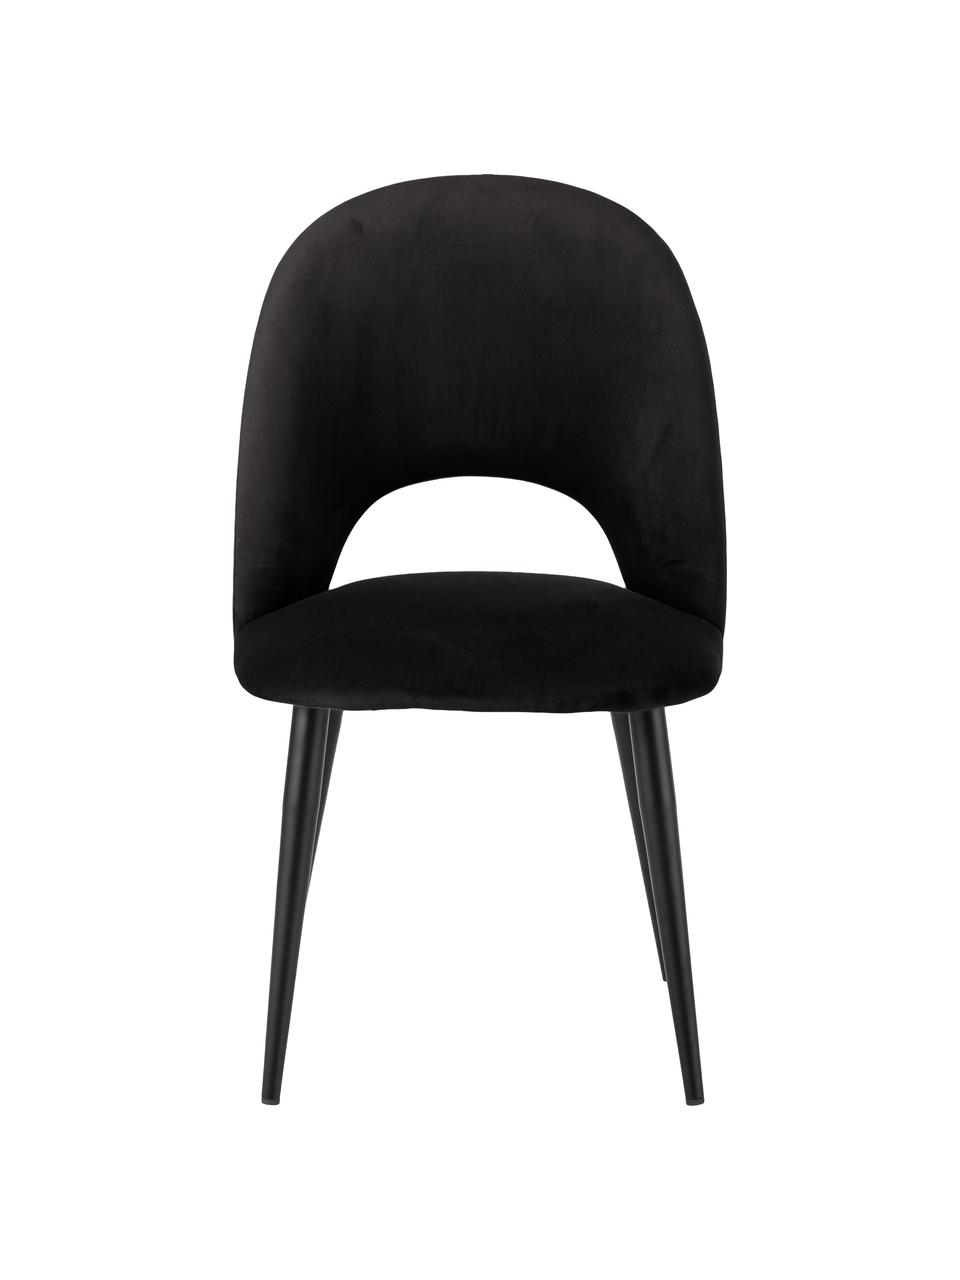 Chaise rembourrée noir Rachel, Velours noir